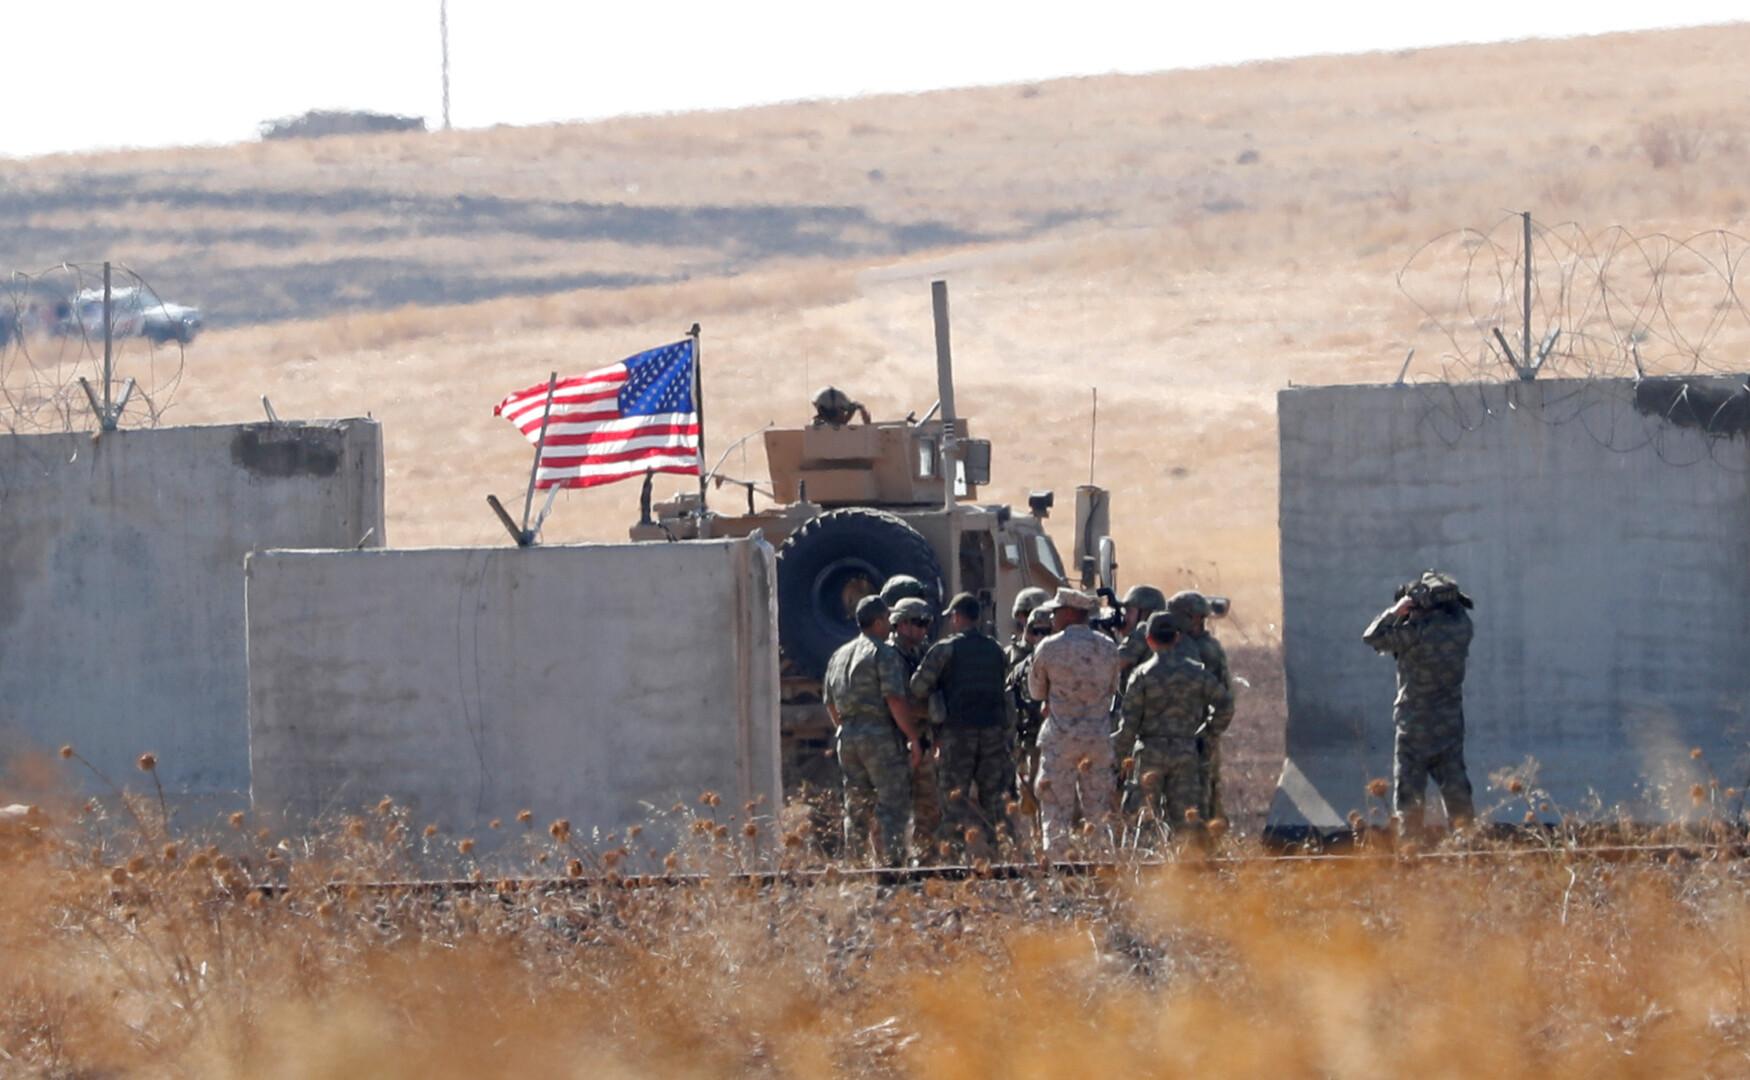 التحالف الدولي يدمر قاعدته العسكرية في عين العرب بعد الانسحاب منها